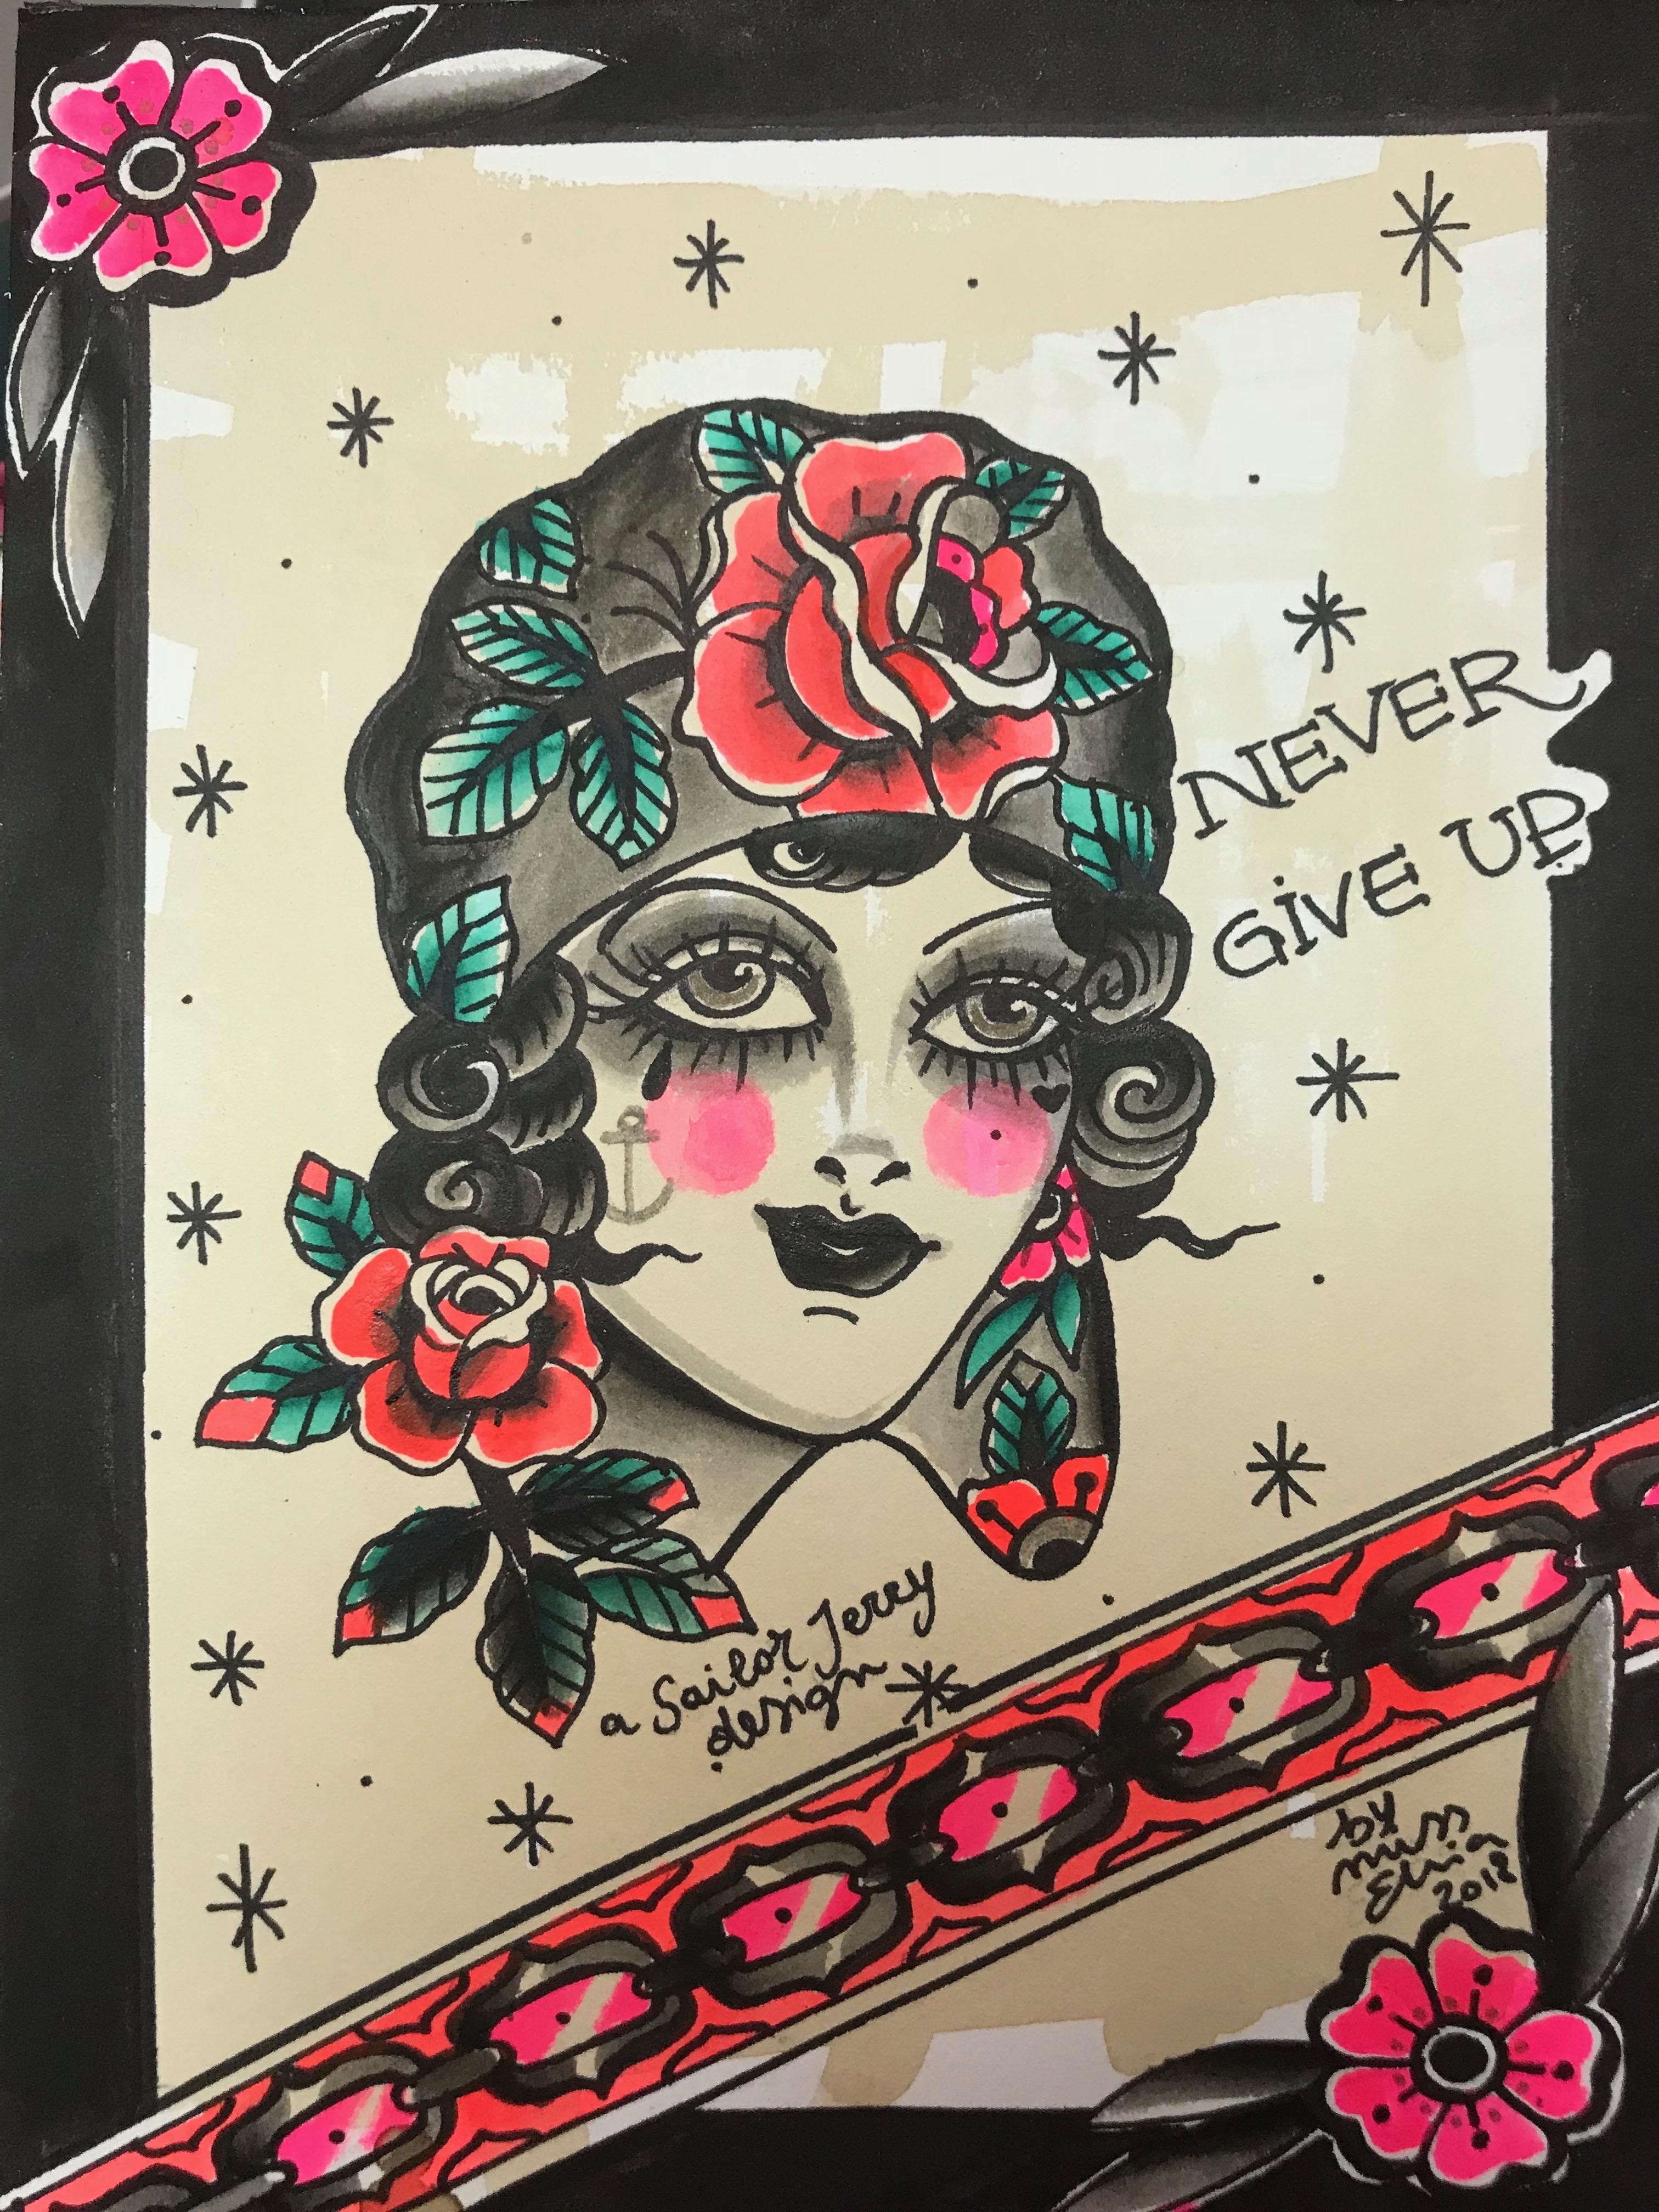 art by missElvia Tattoo